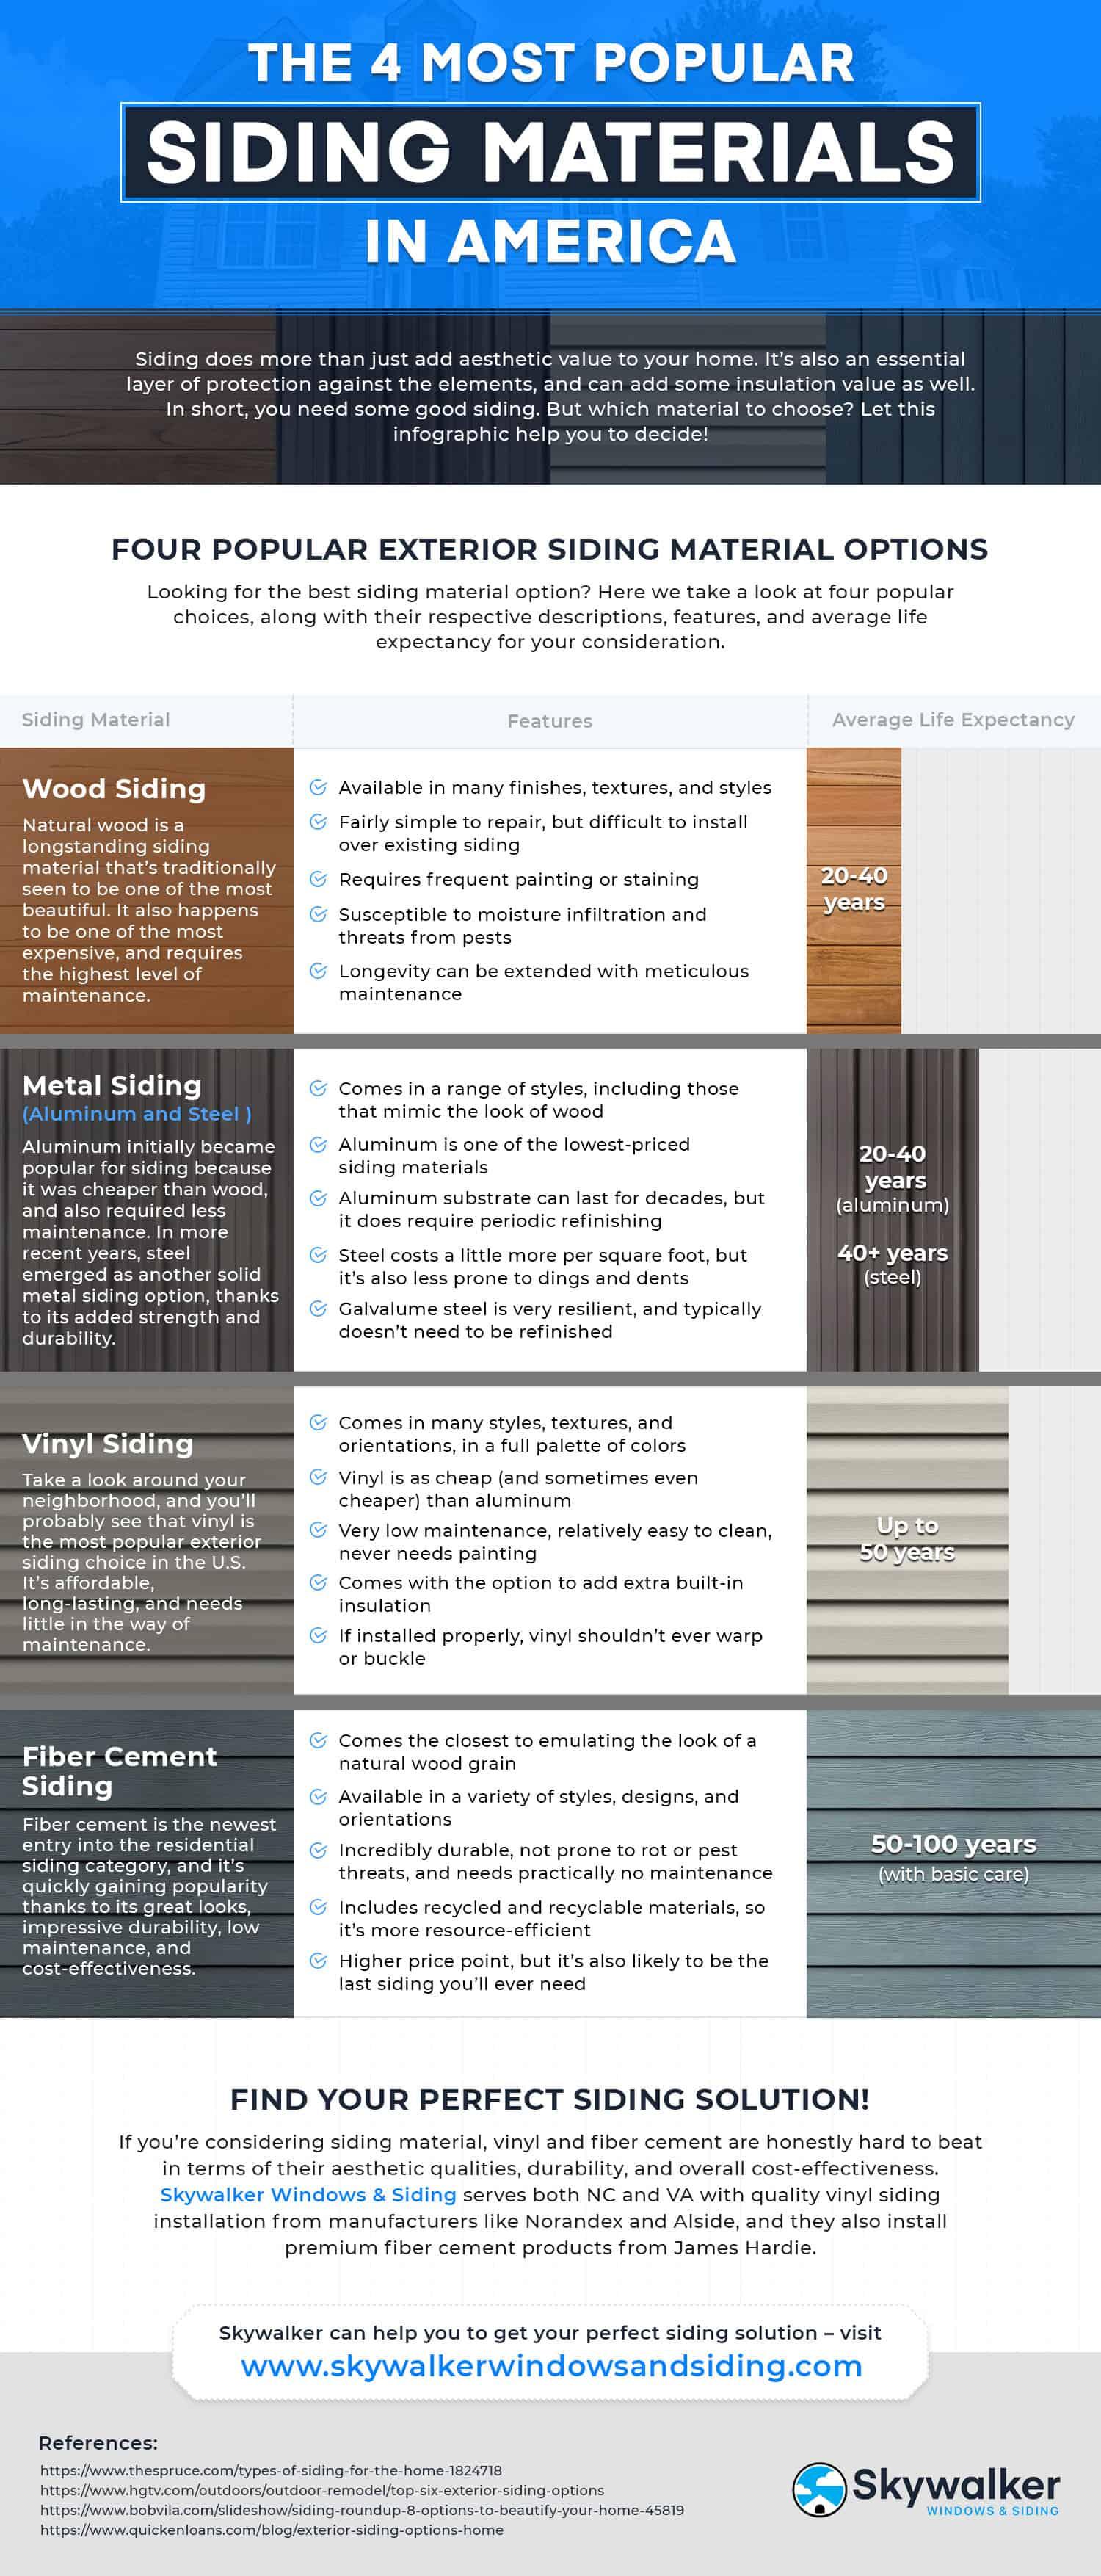 4-Most-Popular-Siding-Materials